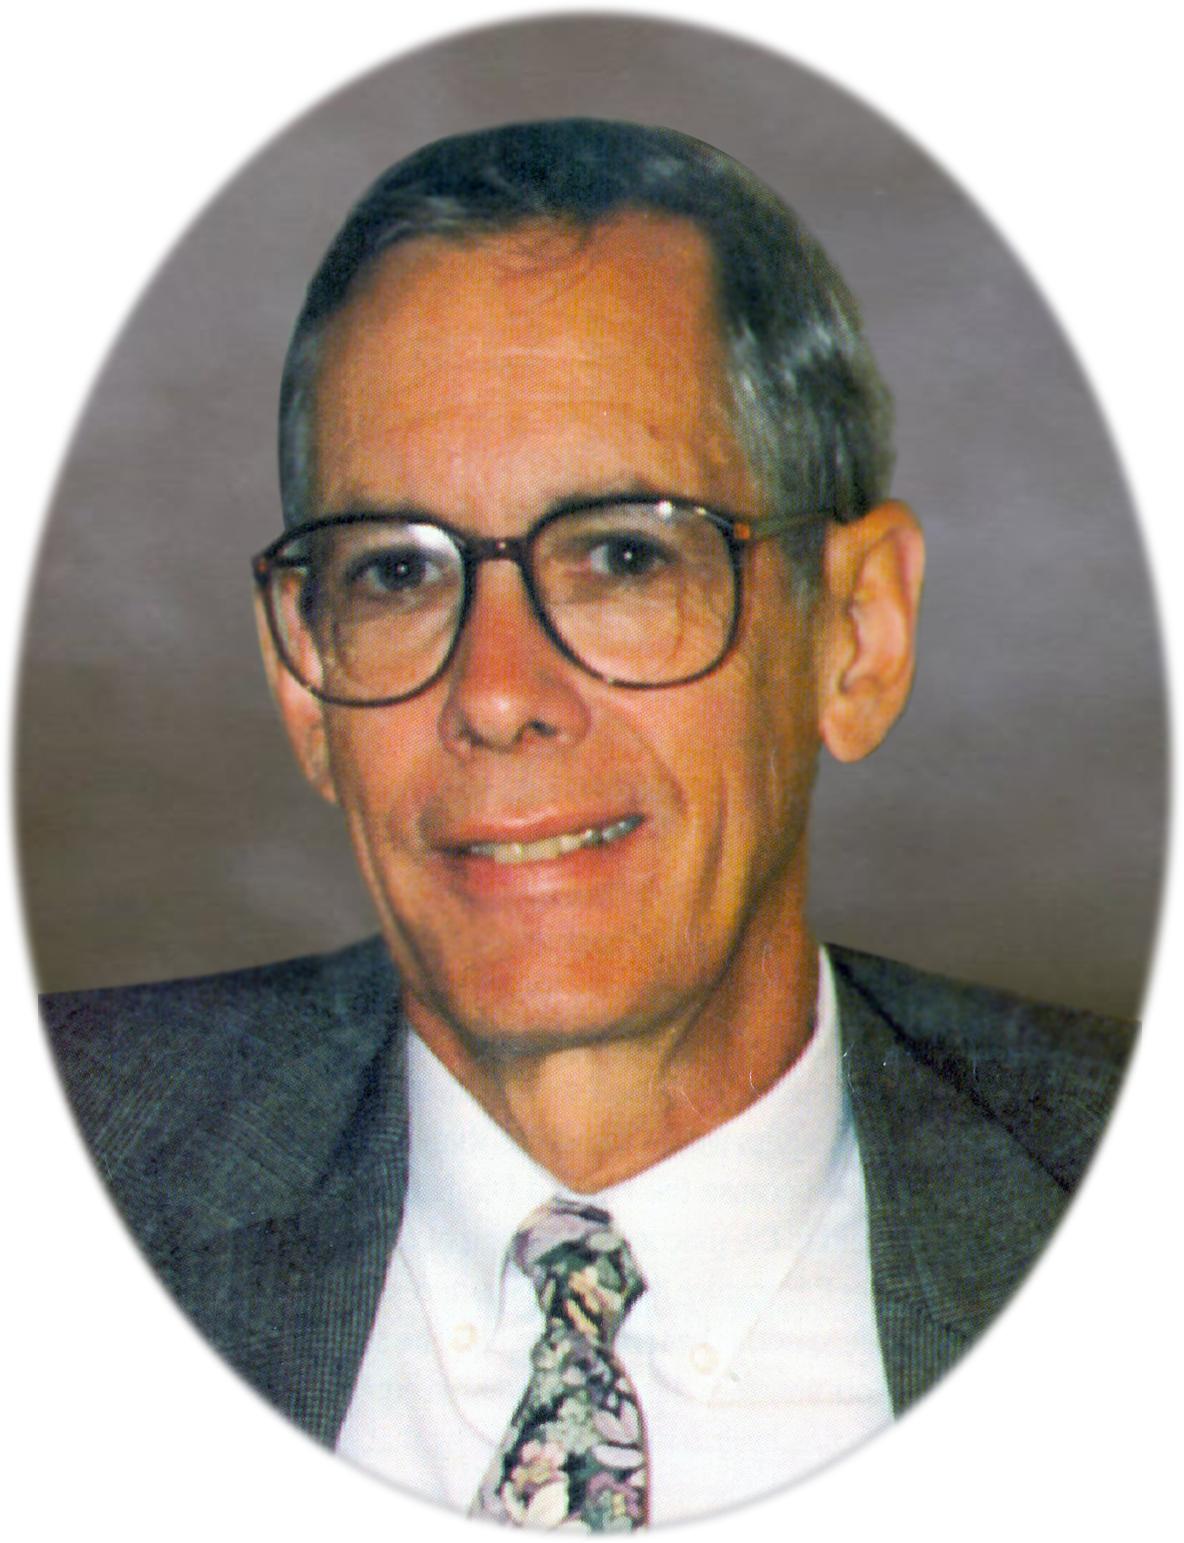 John C. Sage, M.D.